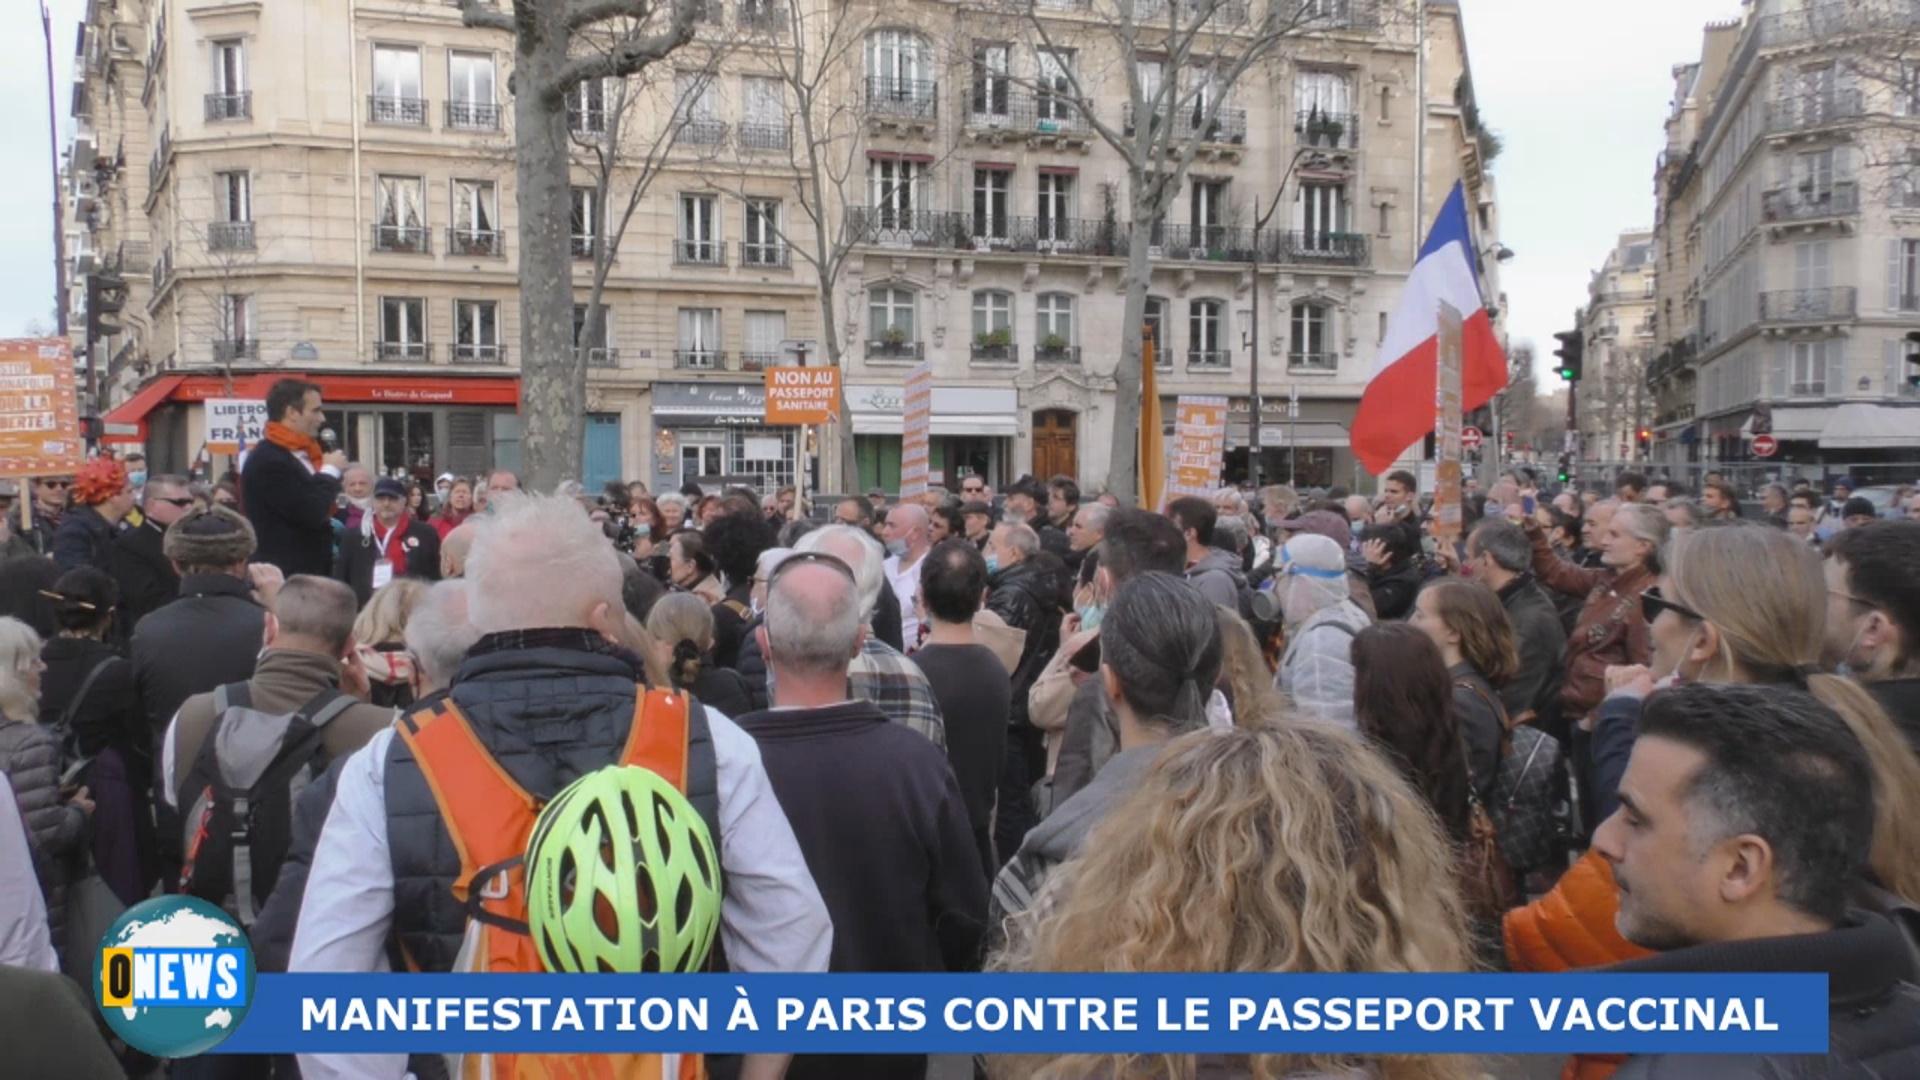 [Vidéo] Onews hexagone. Manifestation à Paris contre le Passeport vaccinal